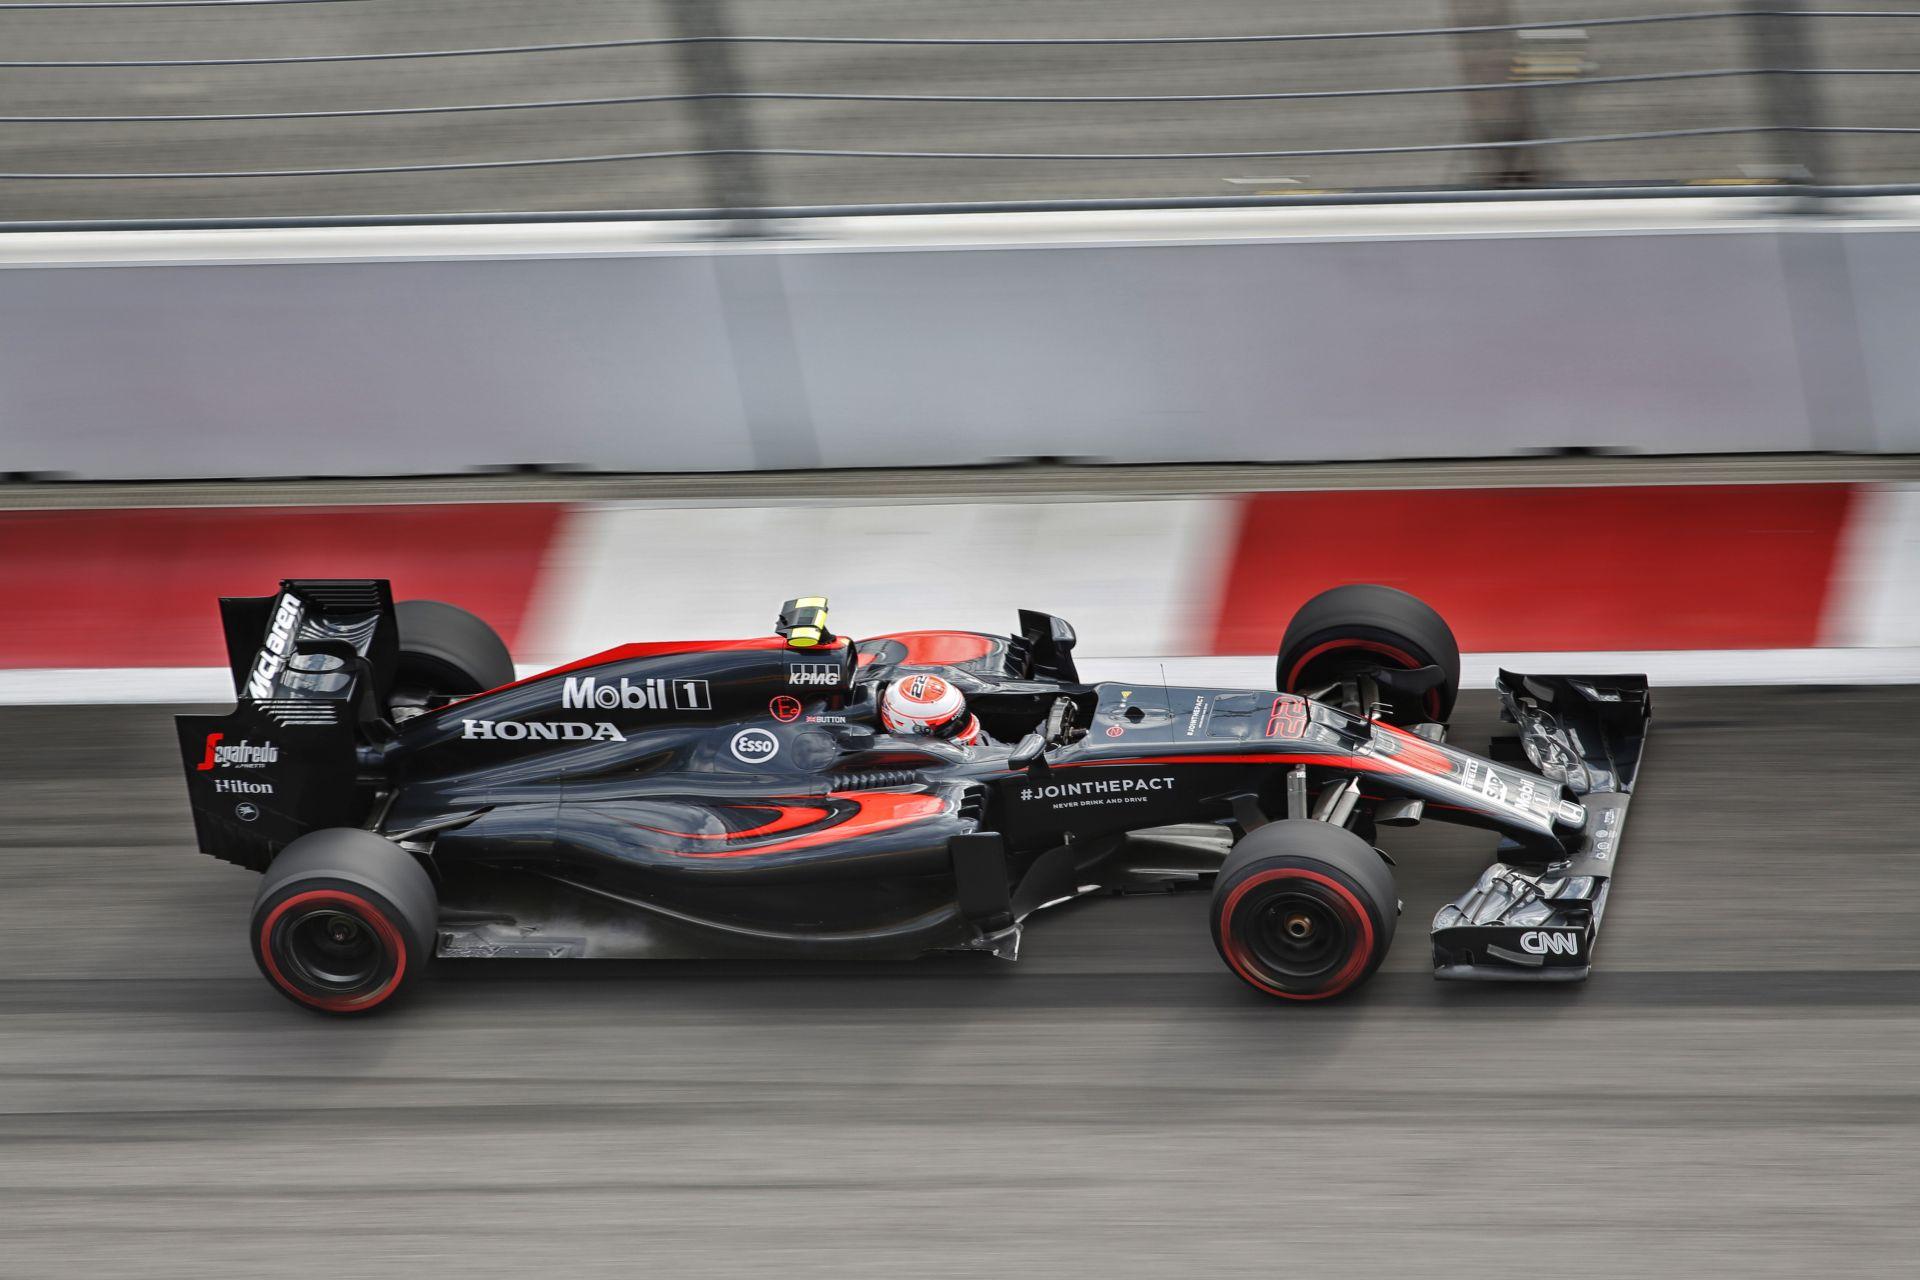 A McLaren már igazán eredményt sem vár idén magától